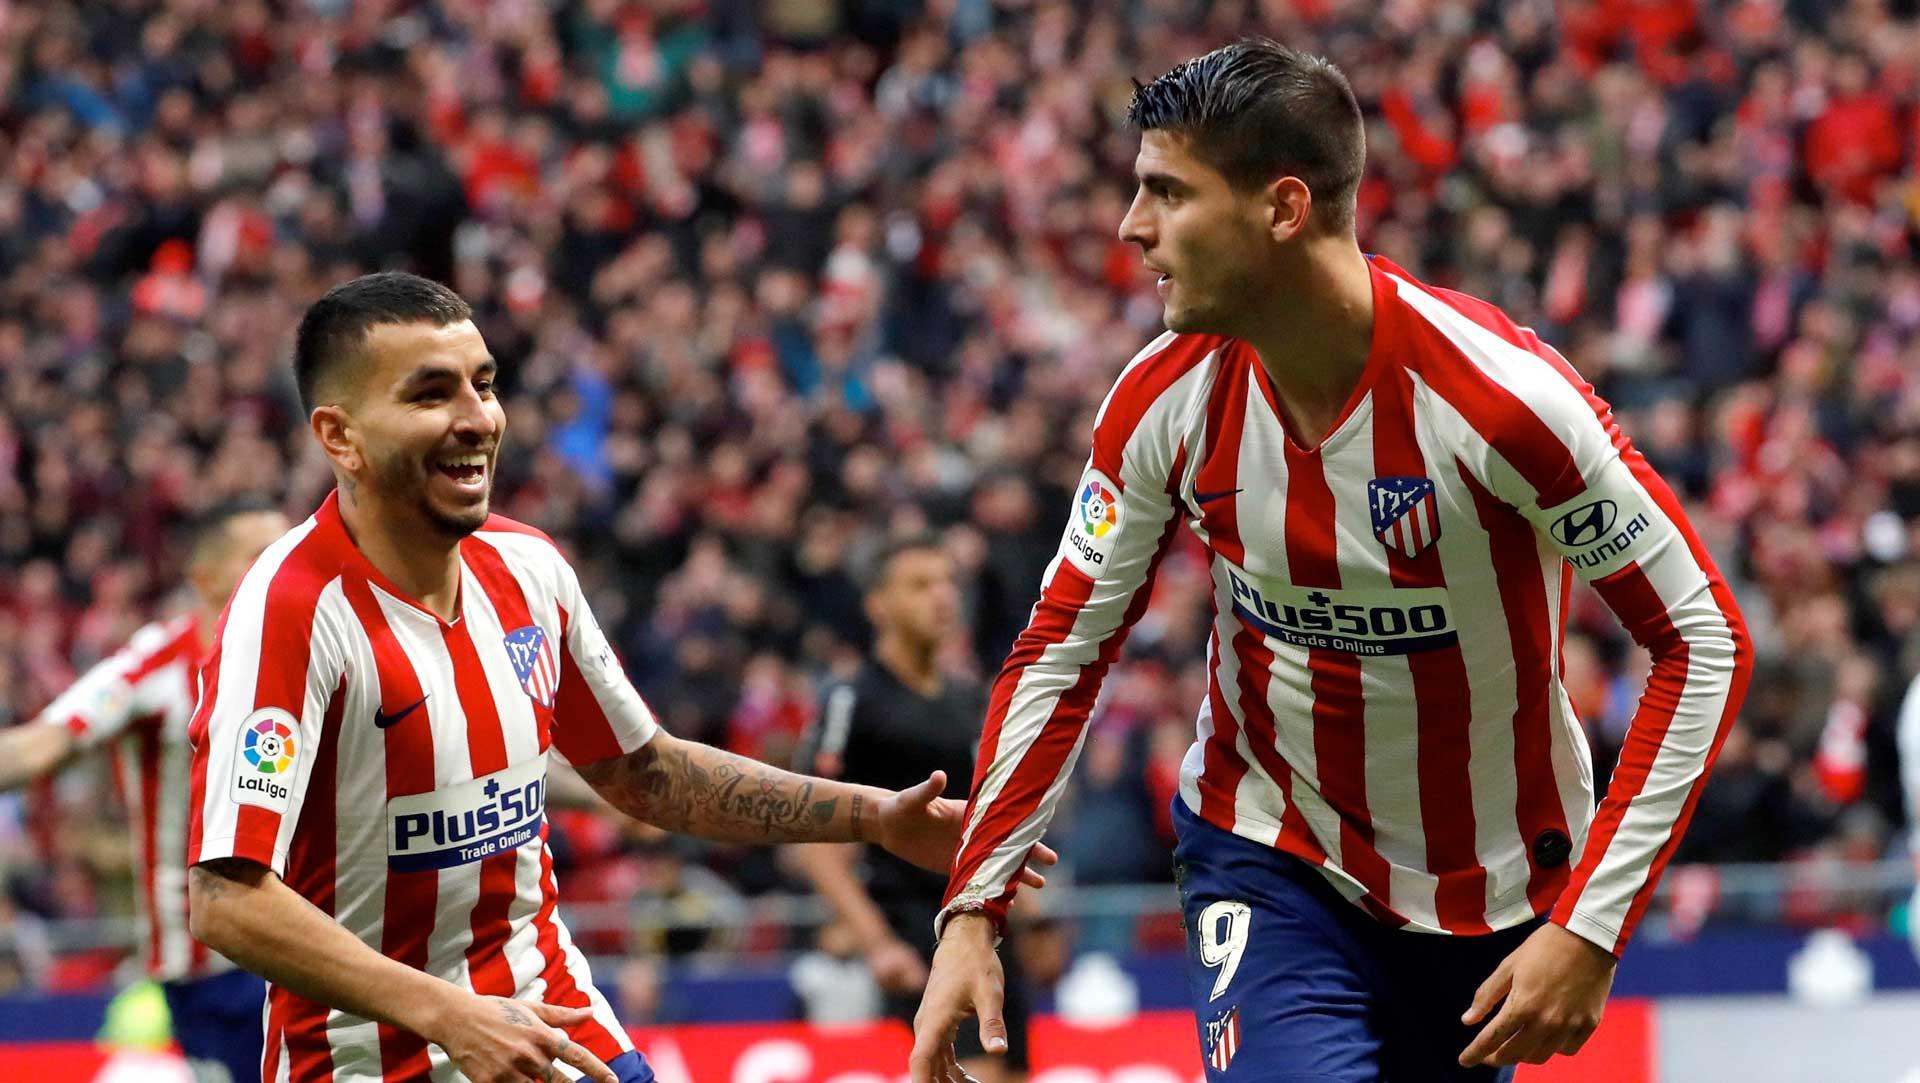 Morata y Correa festejan un gol del Atlético de Madrid.